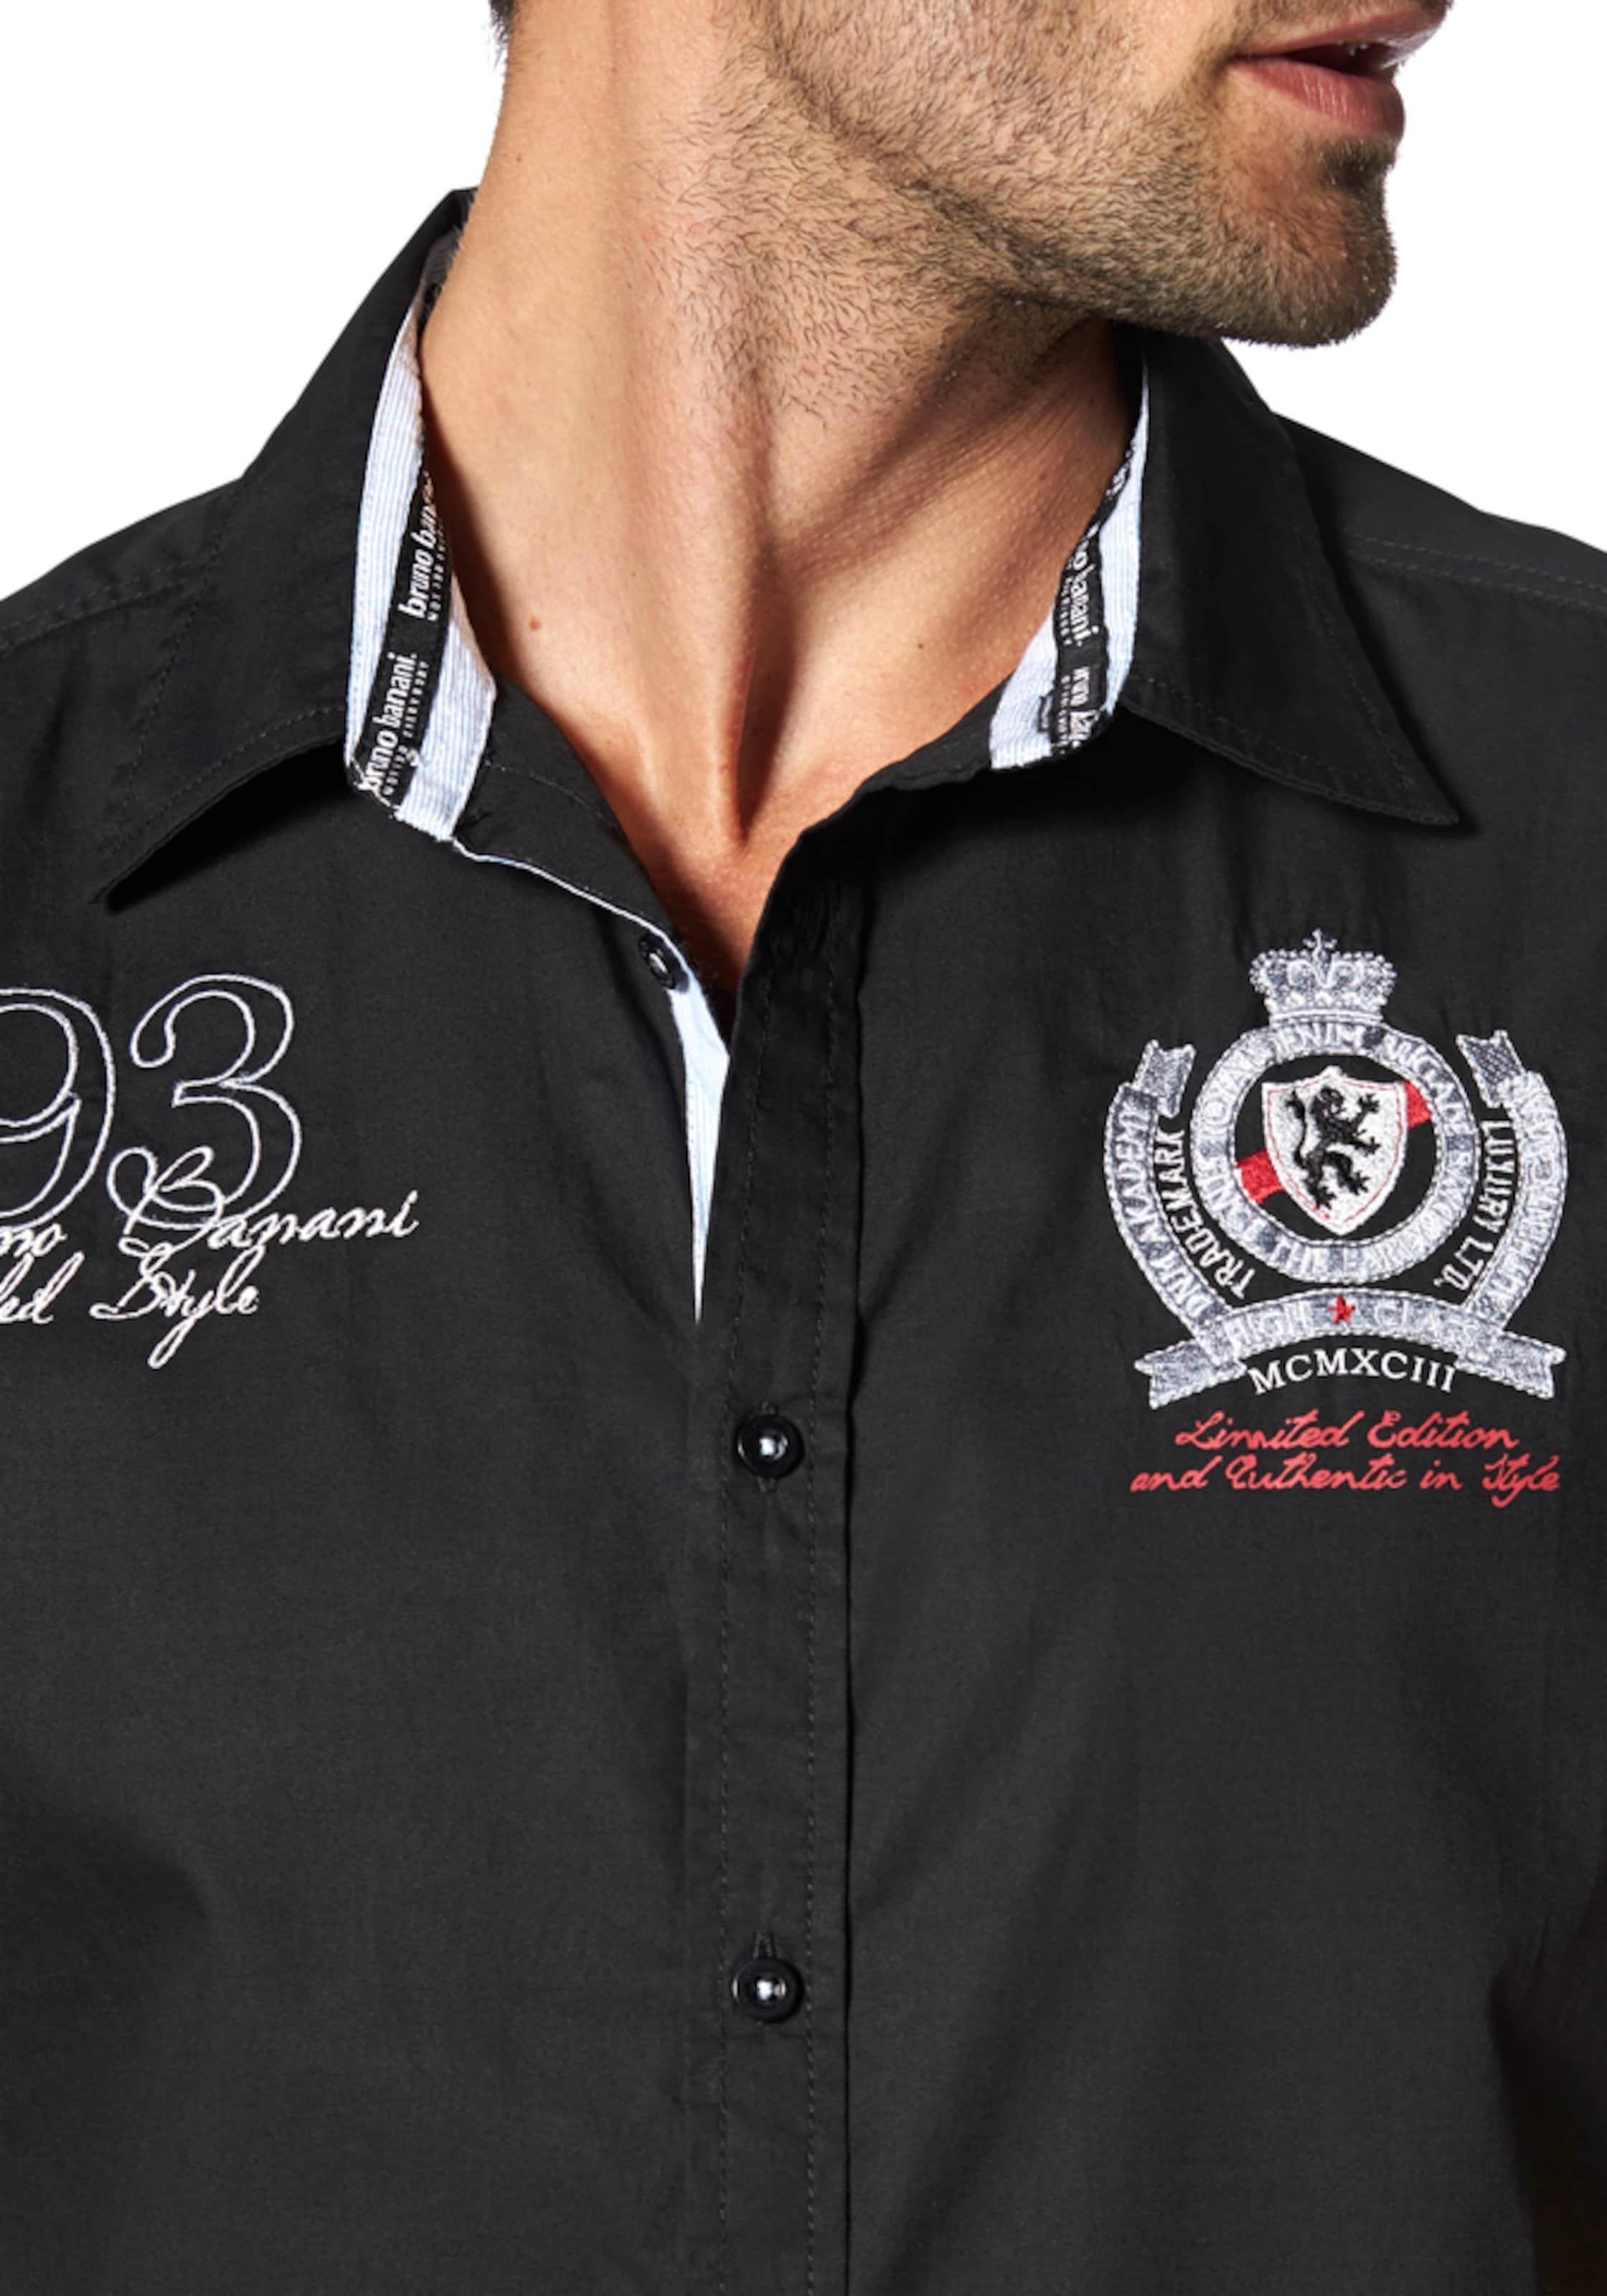 Niedriger Versand Zum Verkauf BRUNO BANANI Kurzarmhemd Spielraum Fabrikverkauf Kaufen Günstig Online Viele Arten Von Günstiger Online zIctitgp